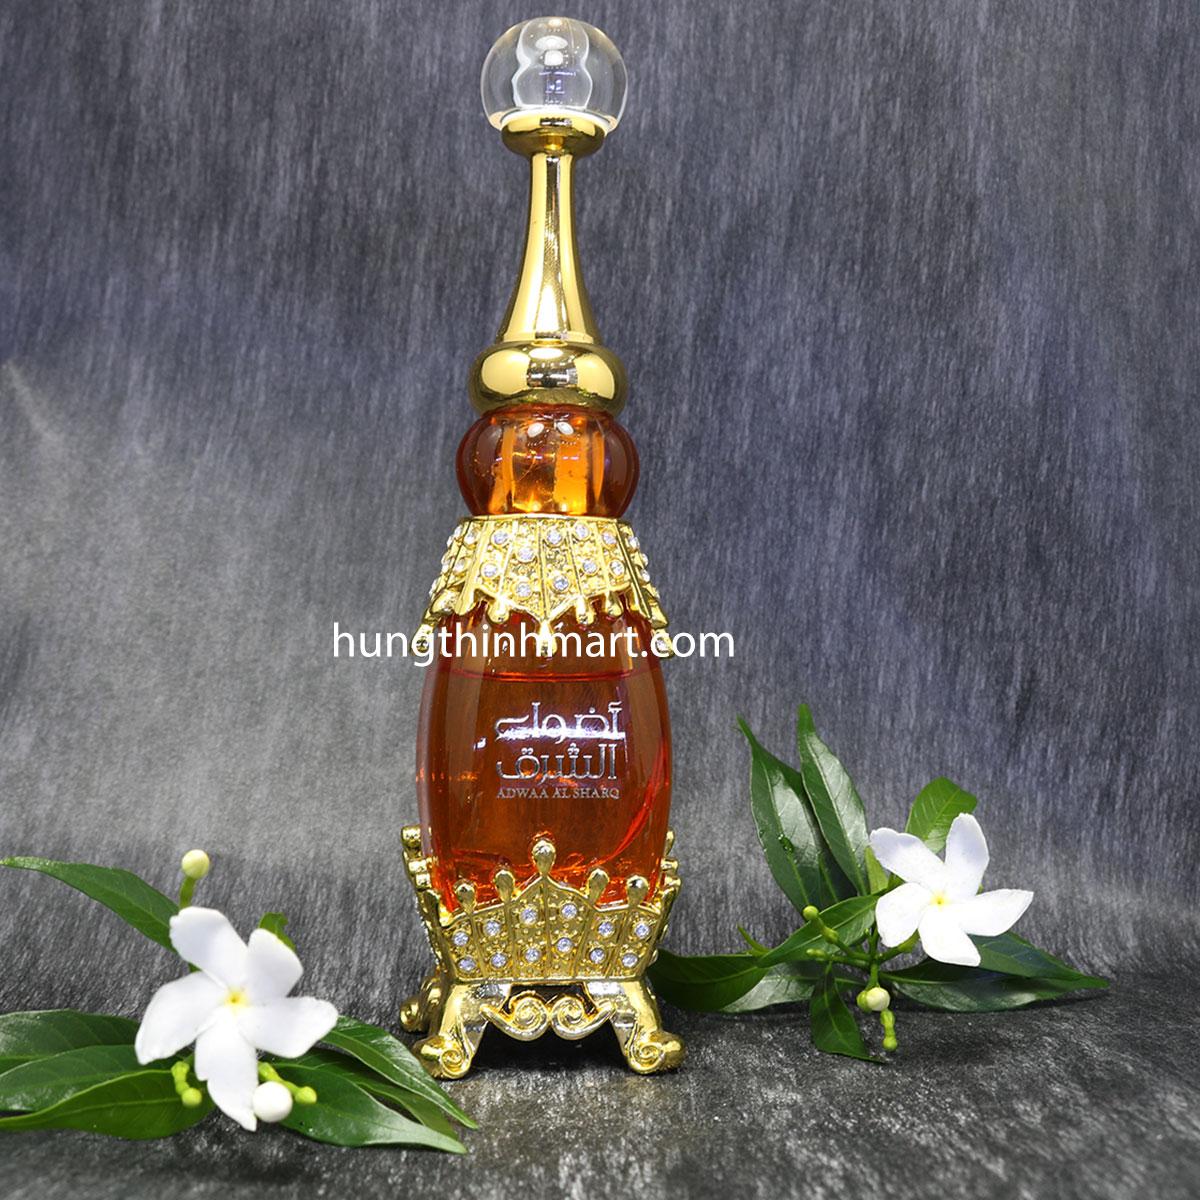 tinh dầu nước hoa dubai adwaa sang trong